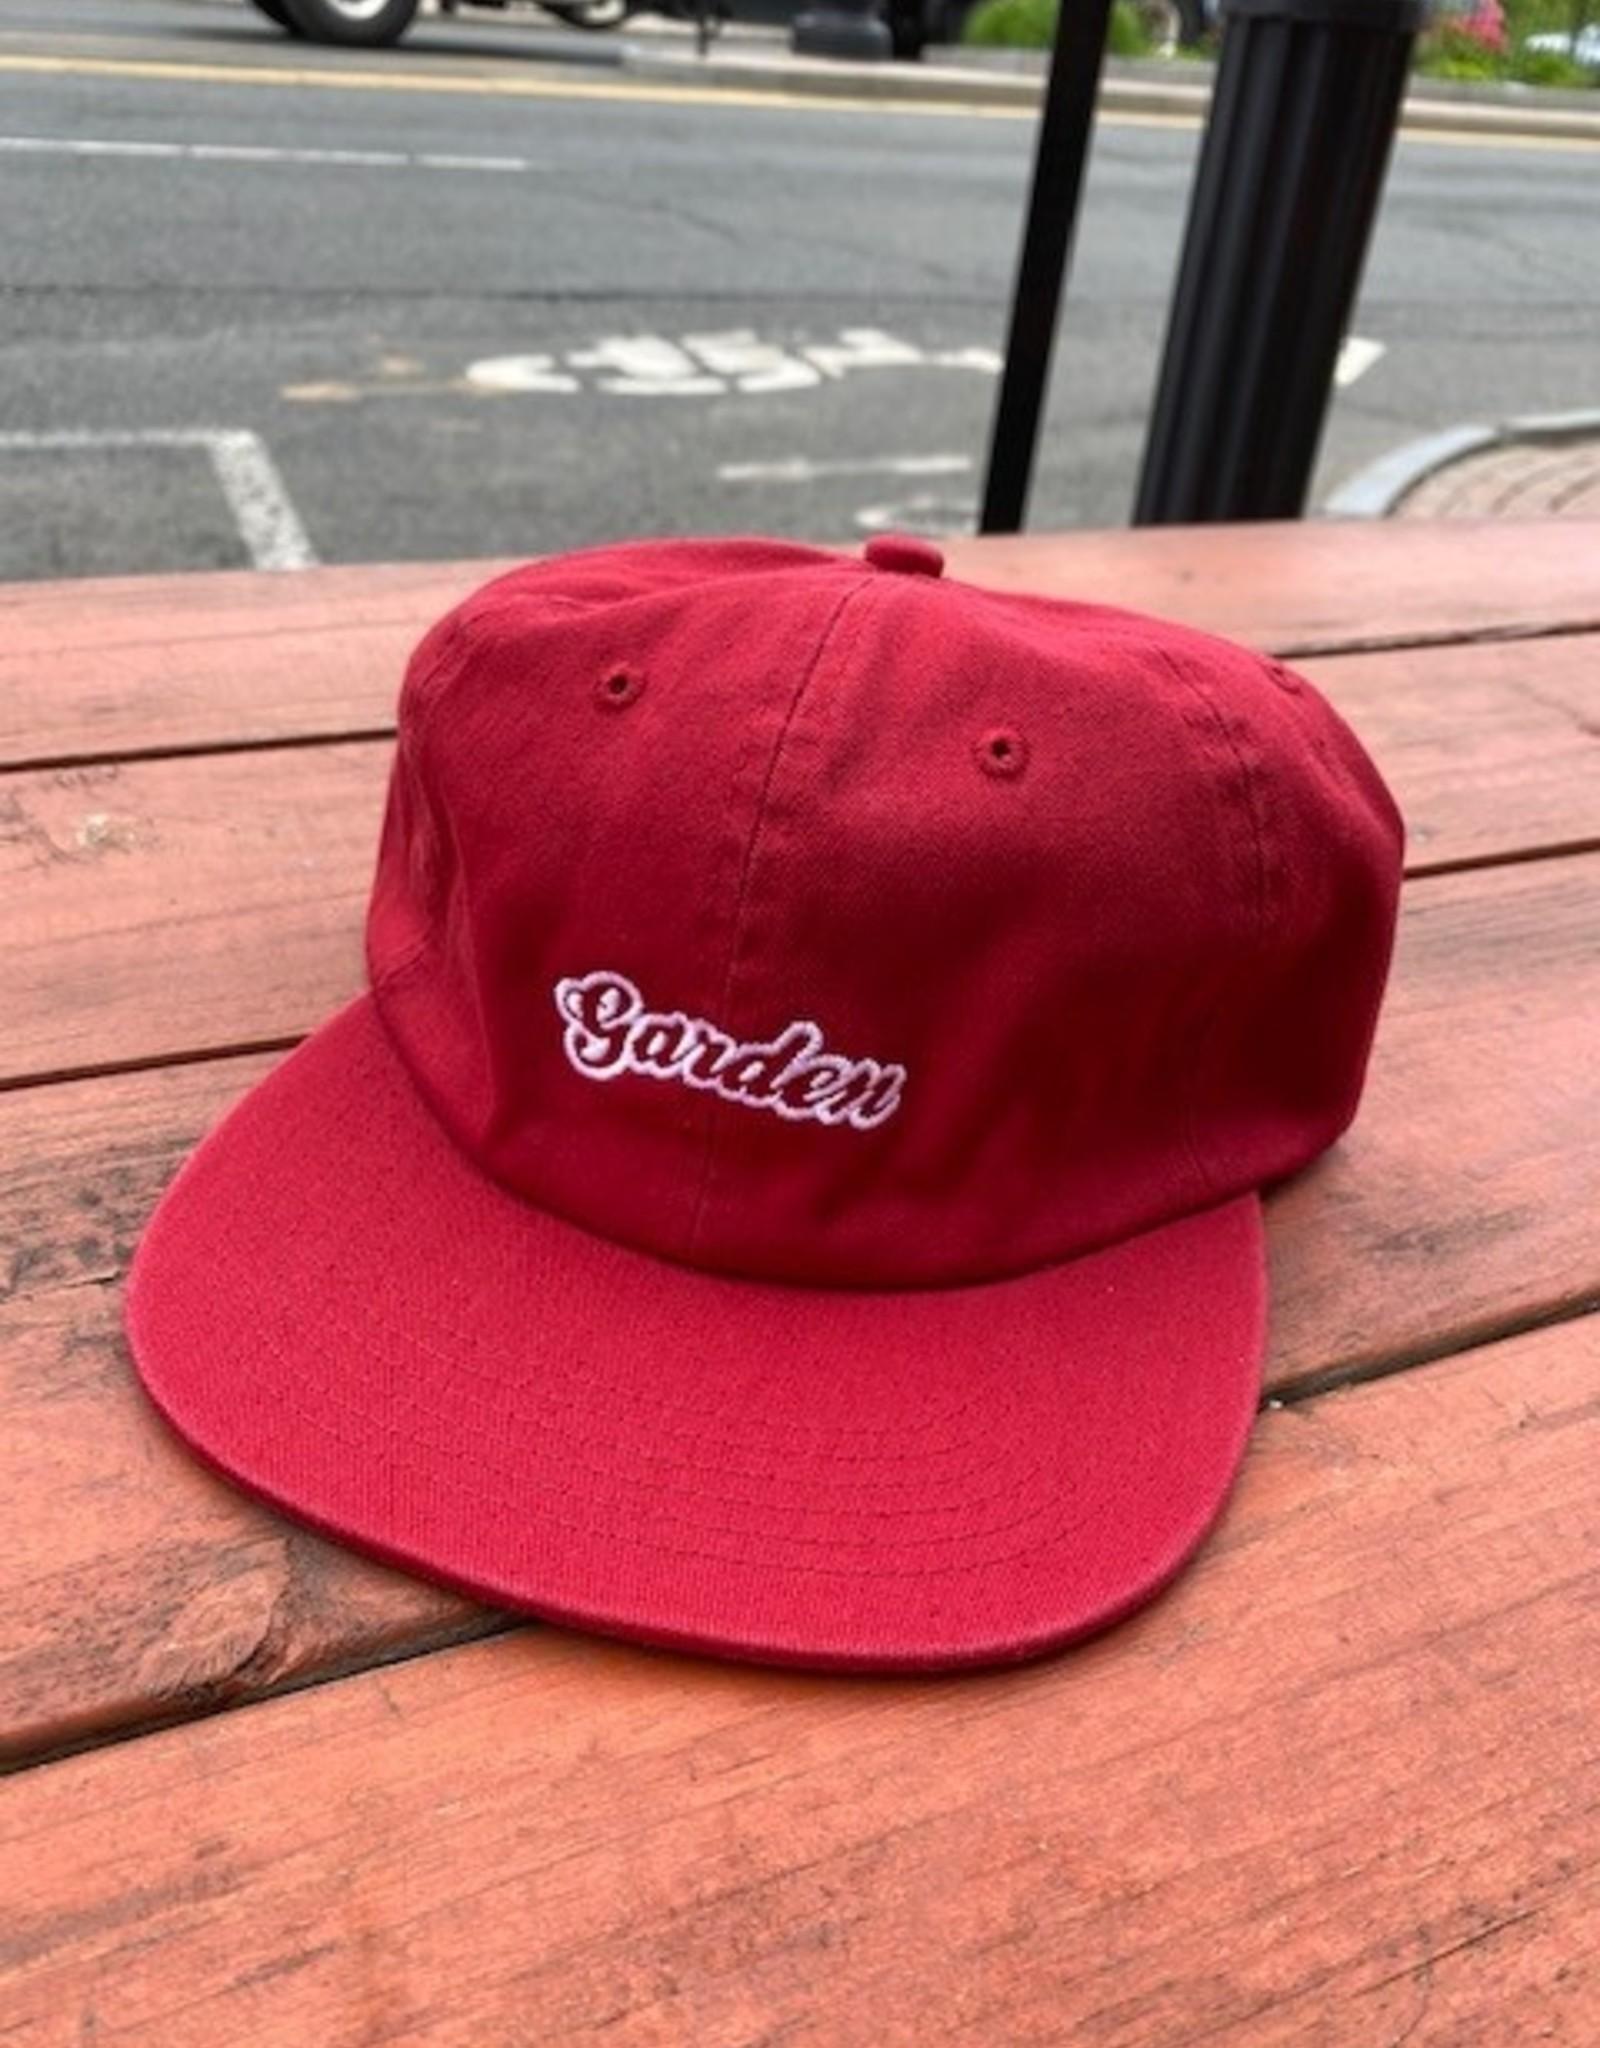 GARDEN GARDEN BUBBLE LOGO UNSTRUCTURED HAT CLIPBACK RED/WHITE